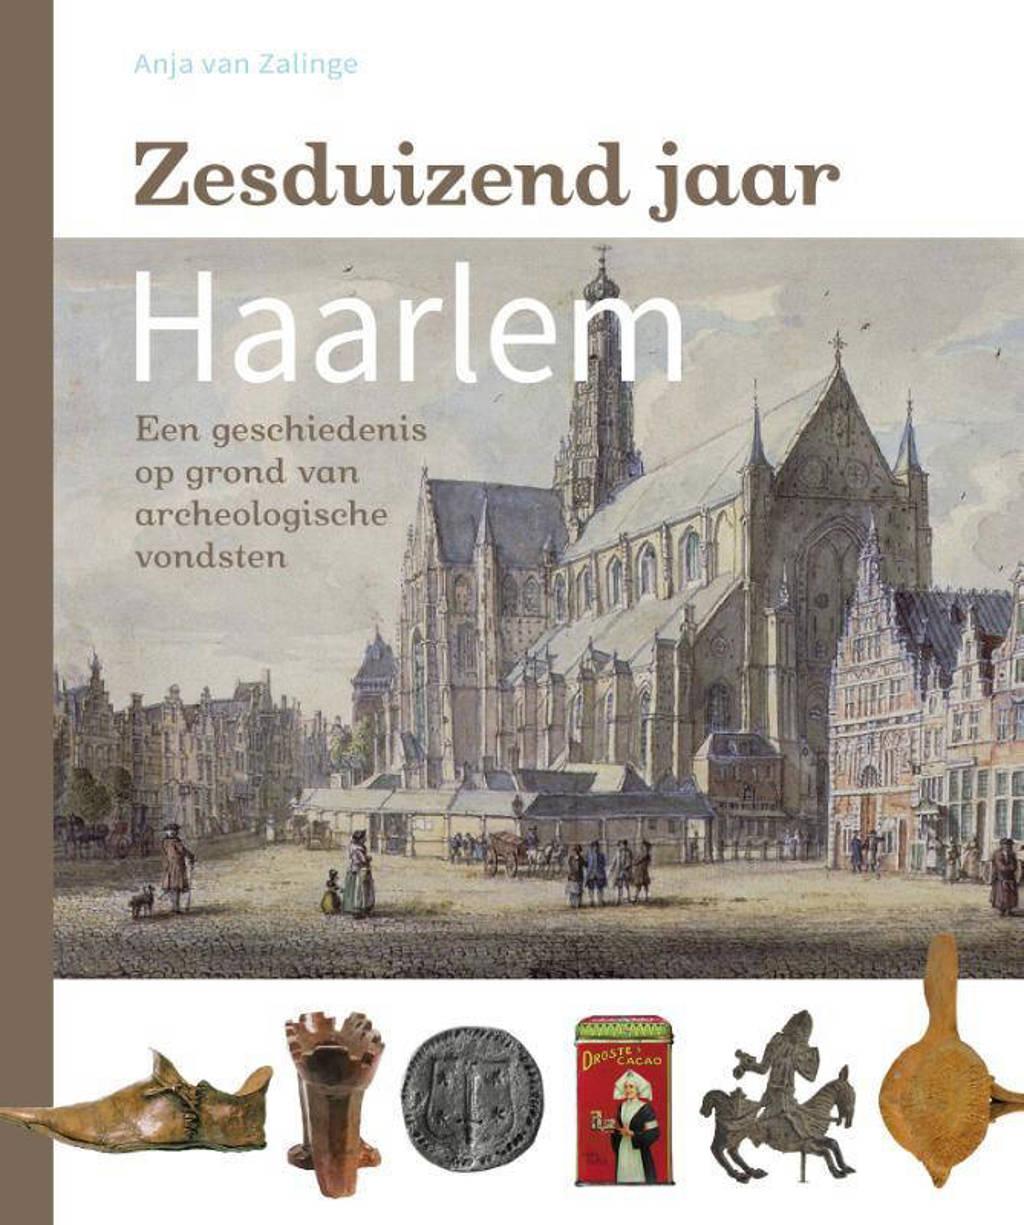 Zesduizend jaar Haarlem - Anja van Zalinge